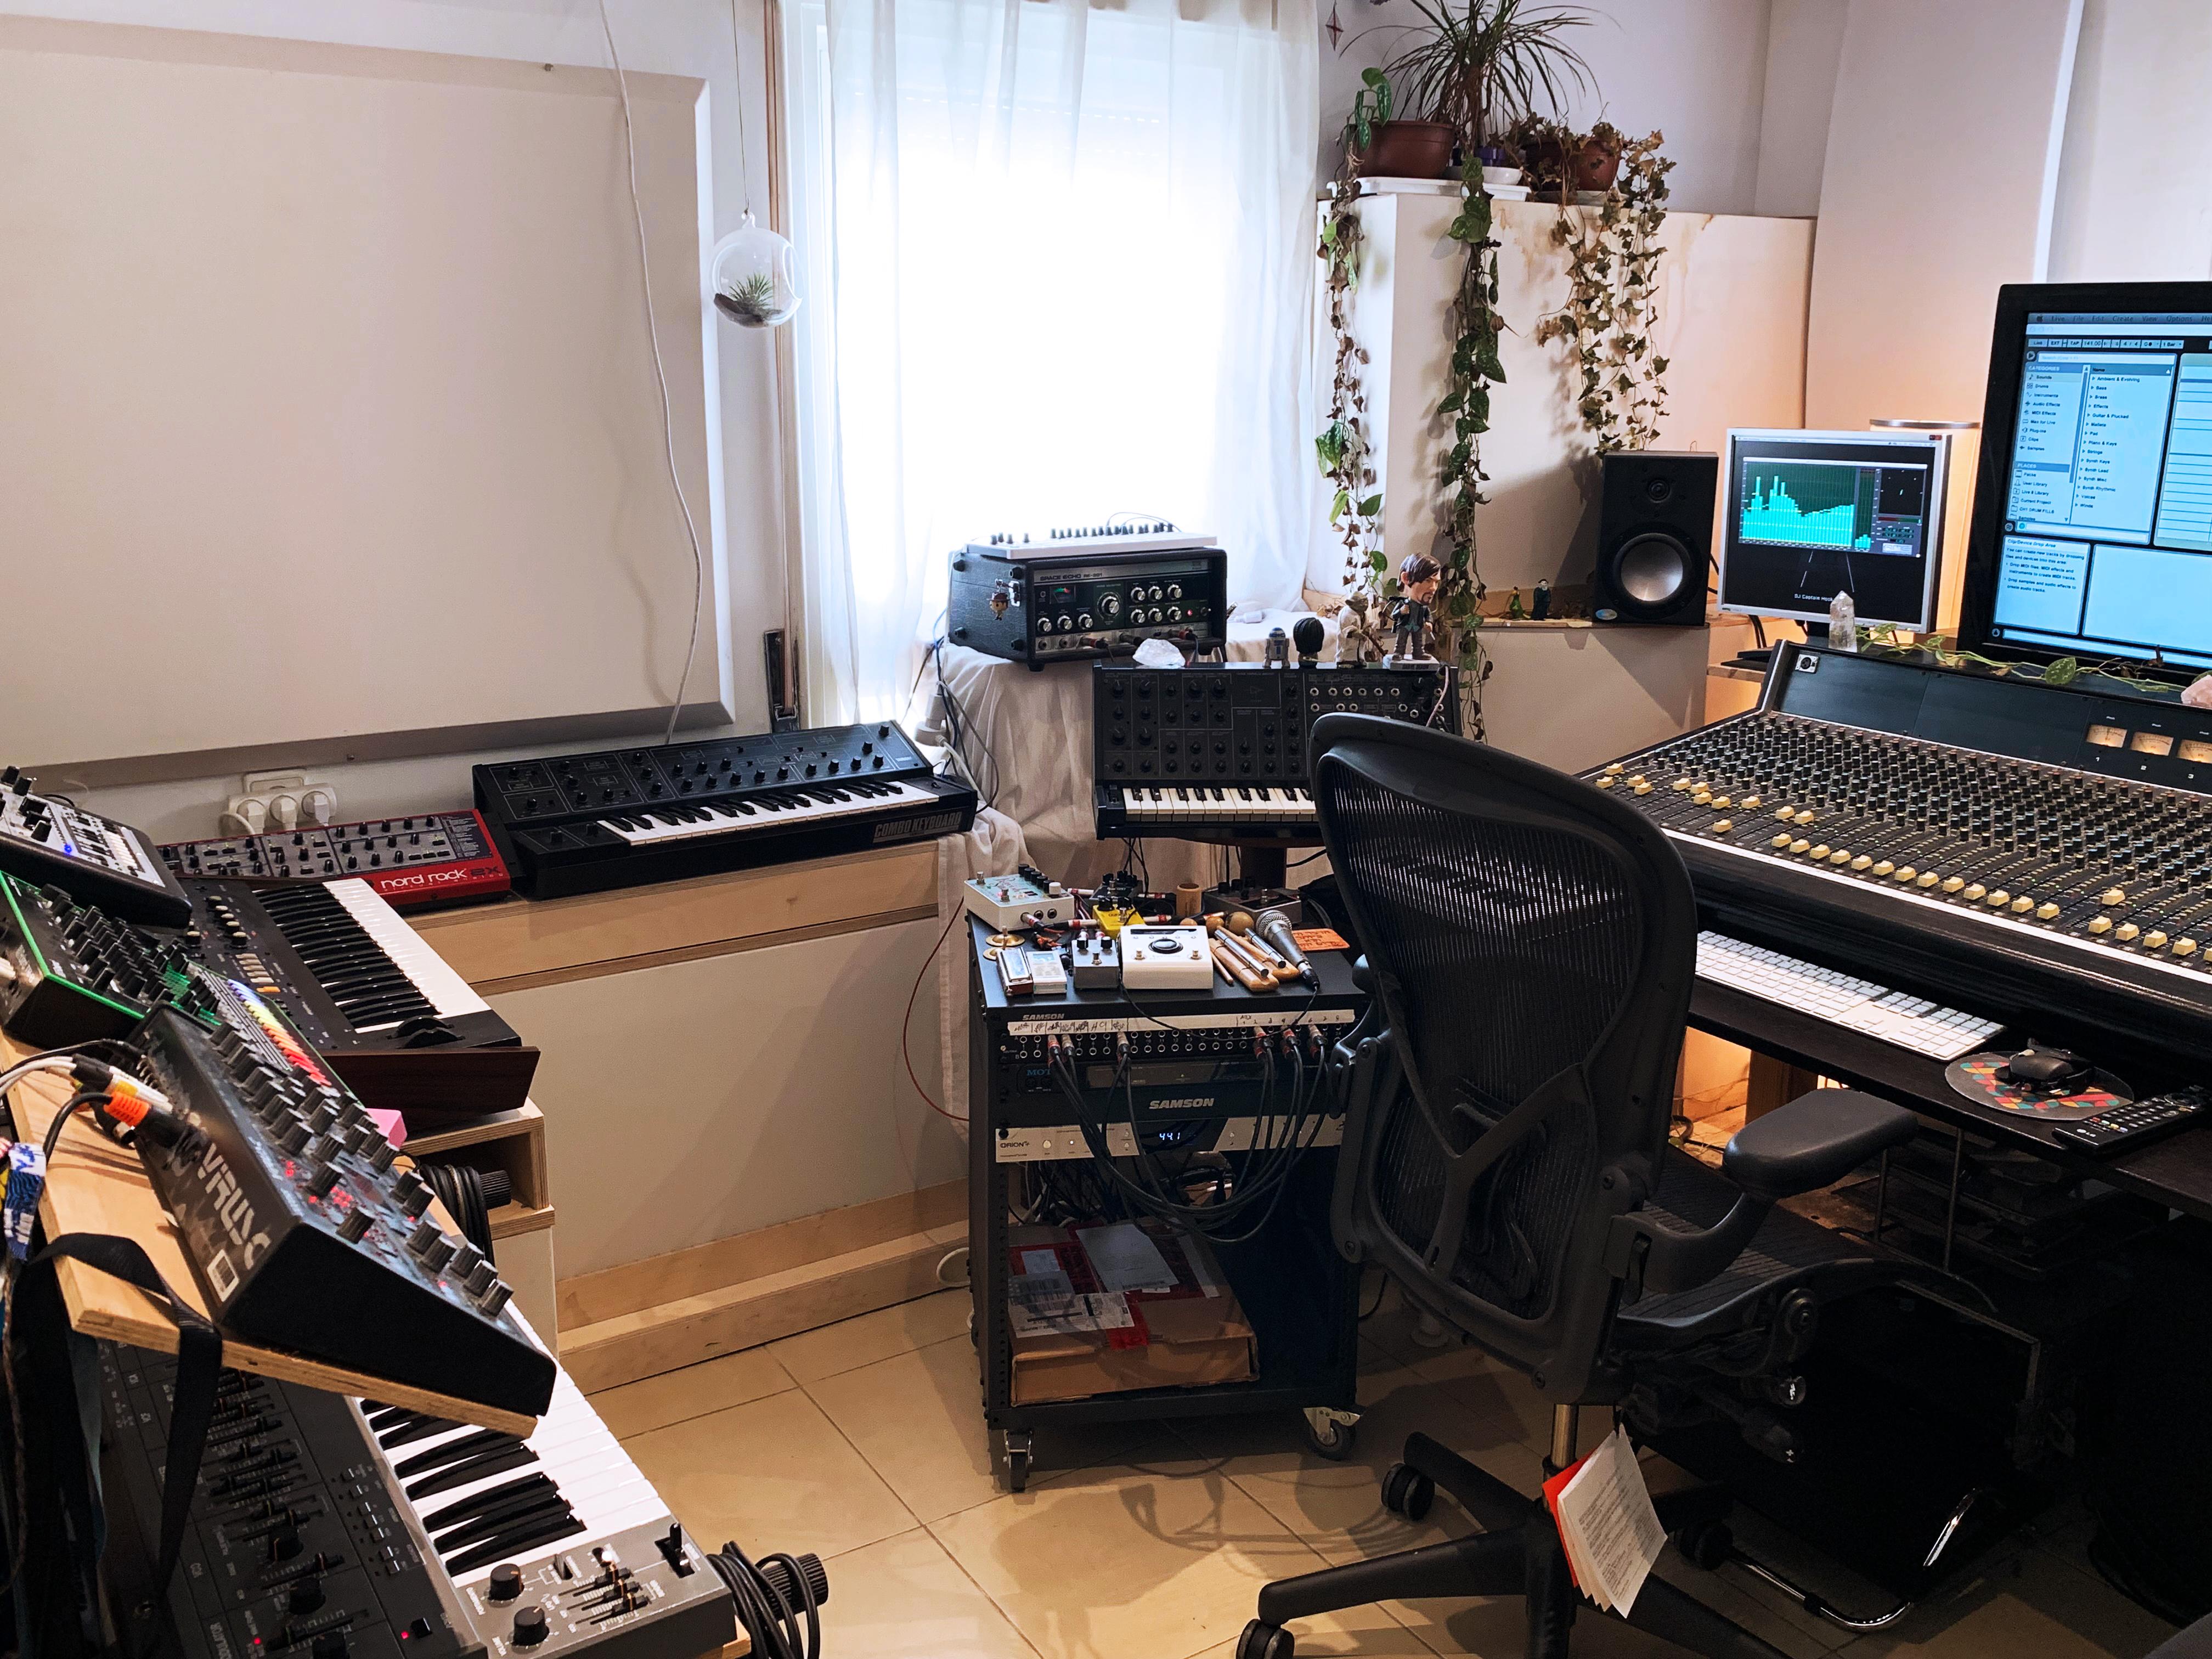 ציוד האולפן של קפטן הוק, Captein Hook studio